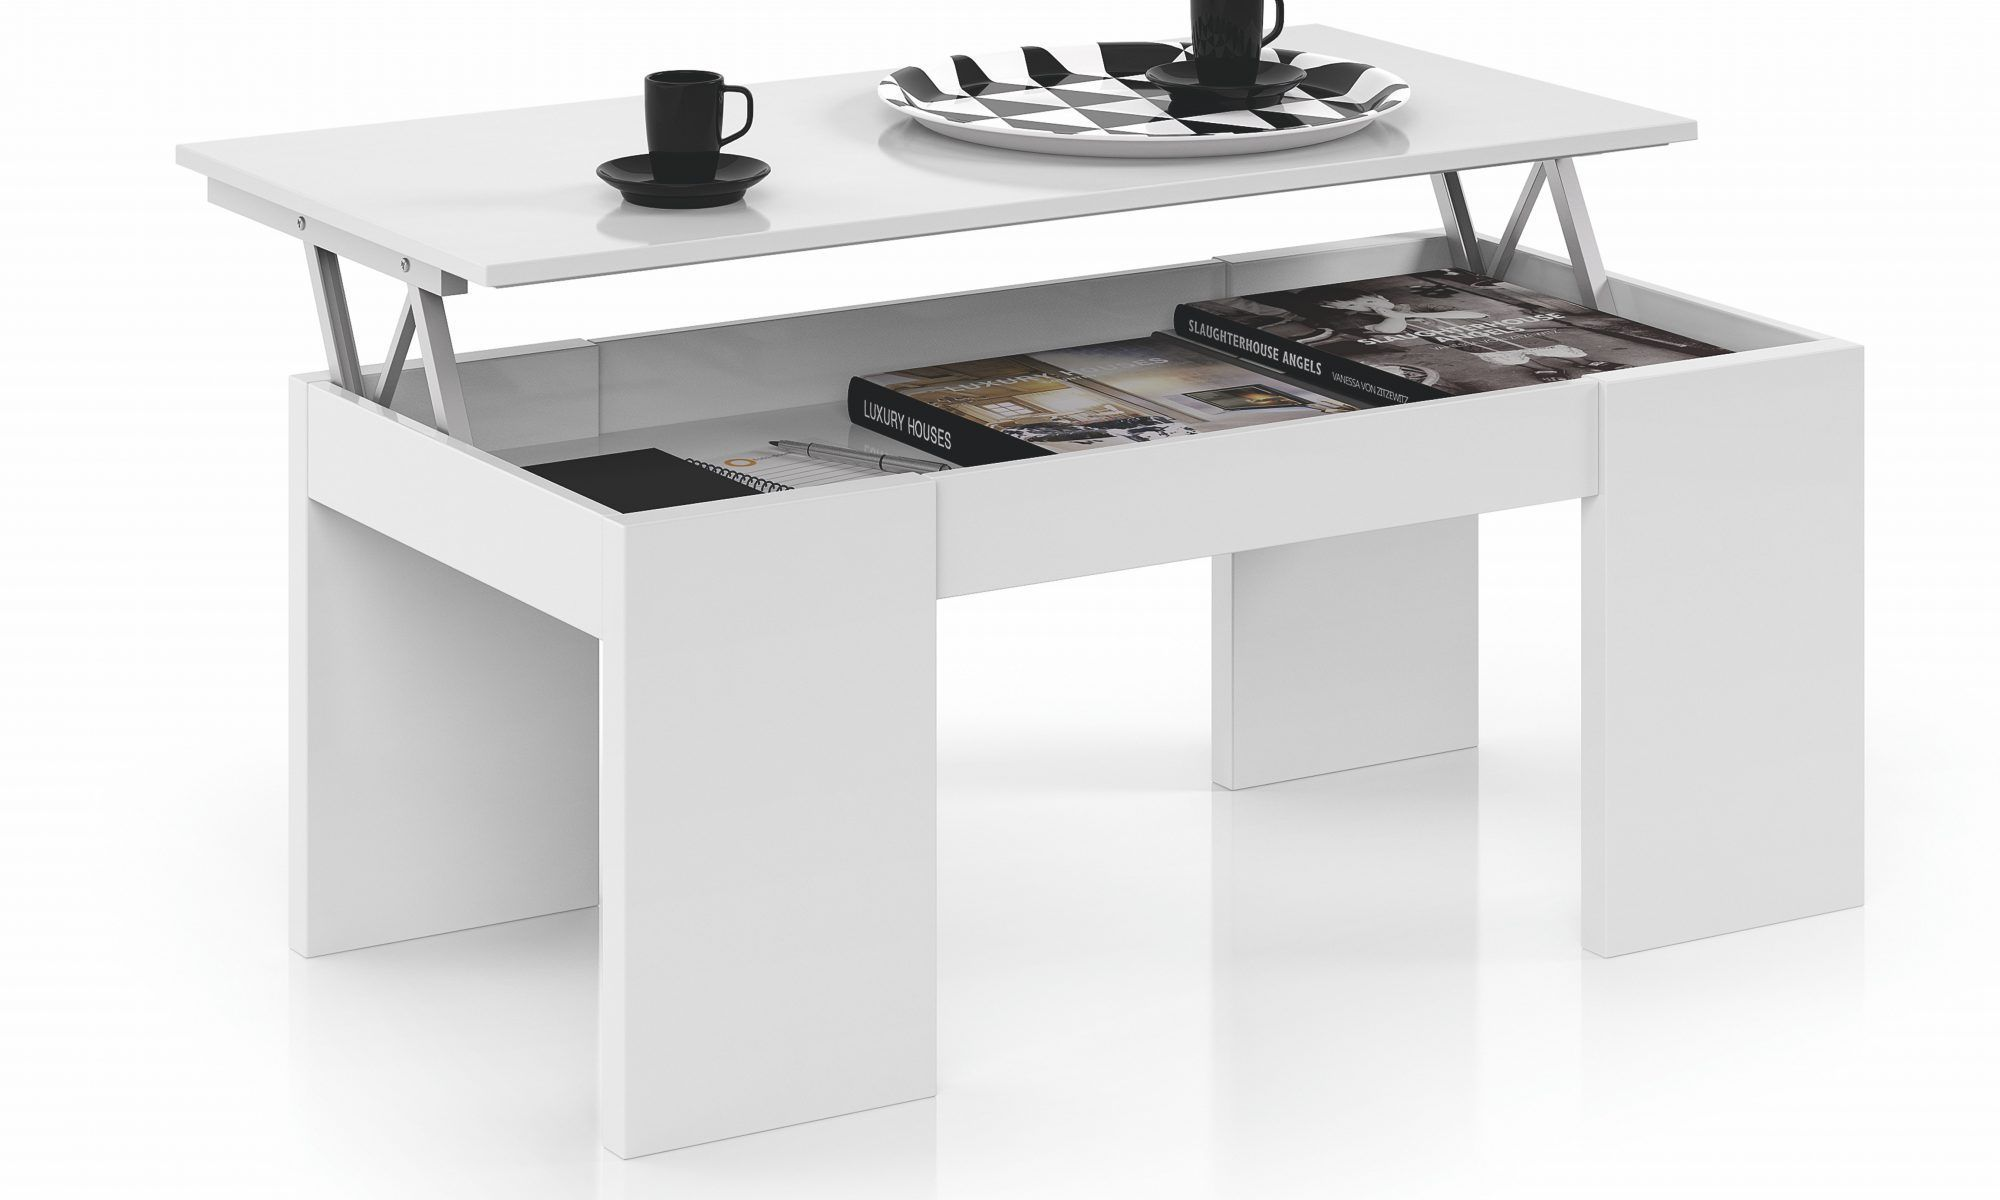 Mesa de centro elevable blanca conforama A1 es